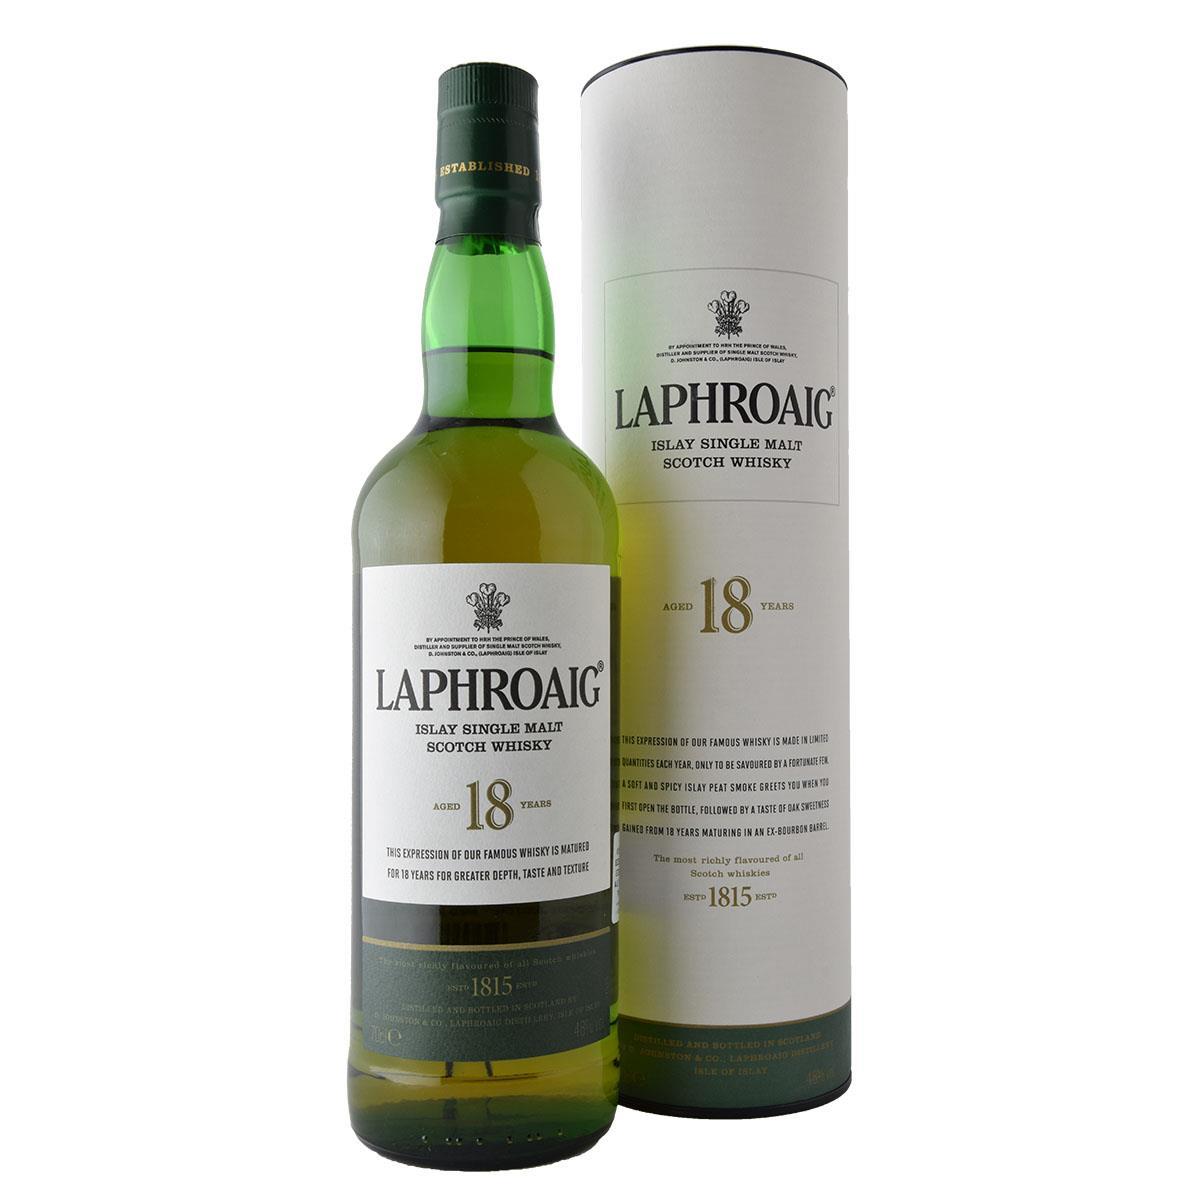 Laphroaig 18 y.o. 700ml